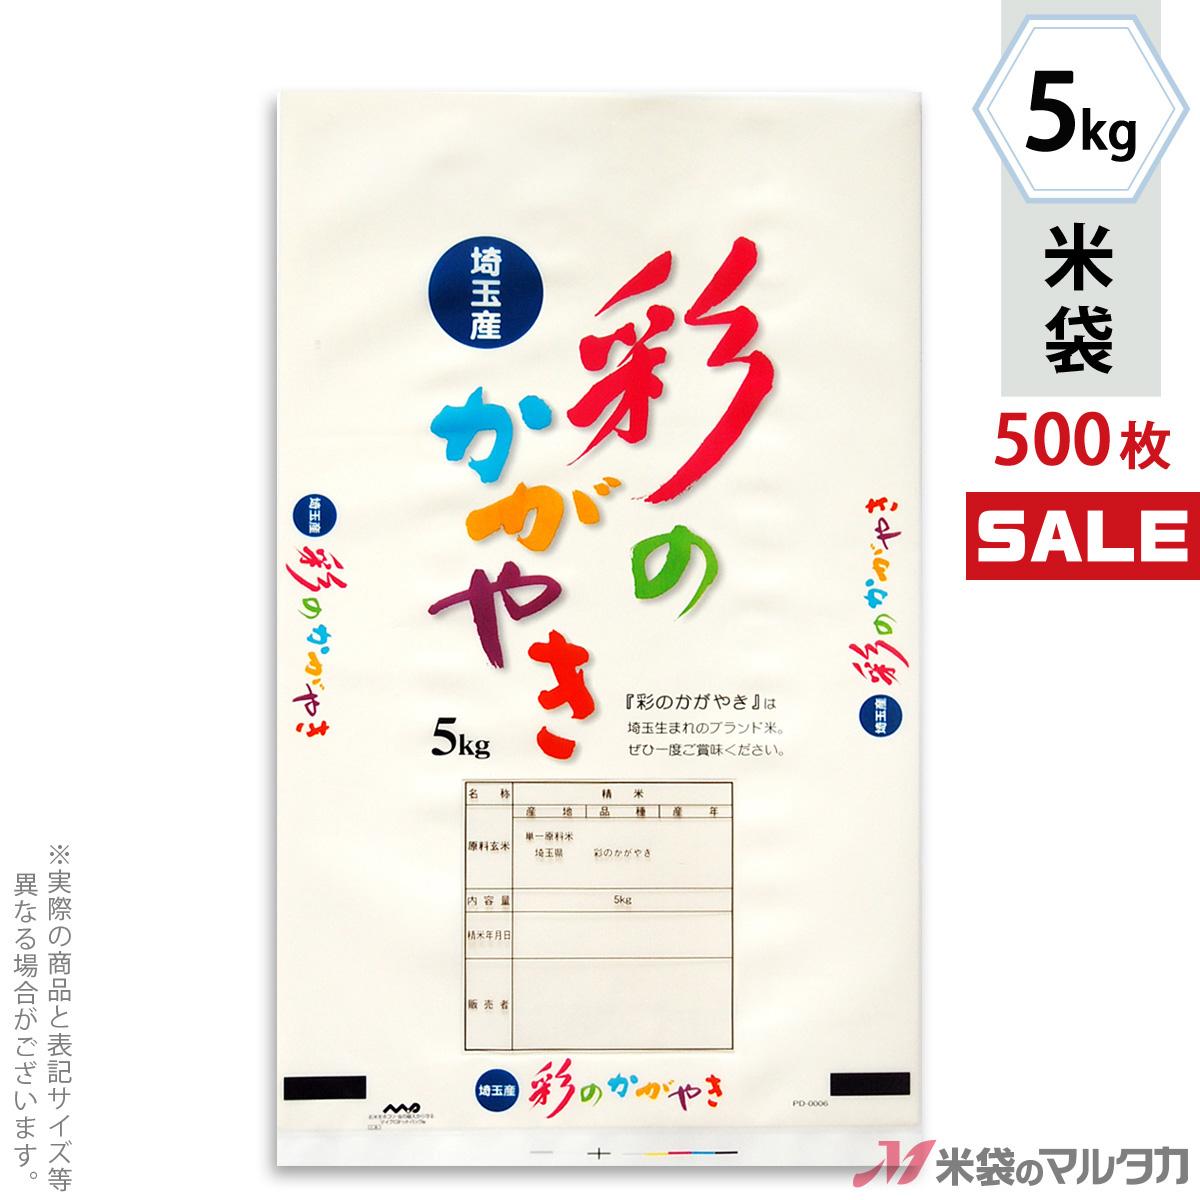 <キャンペーン対応>米袋 ポリ マイクロドット 埼玉産彩のかがやき 彩色 5kg 1ケース(500枚入) PD-0006